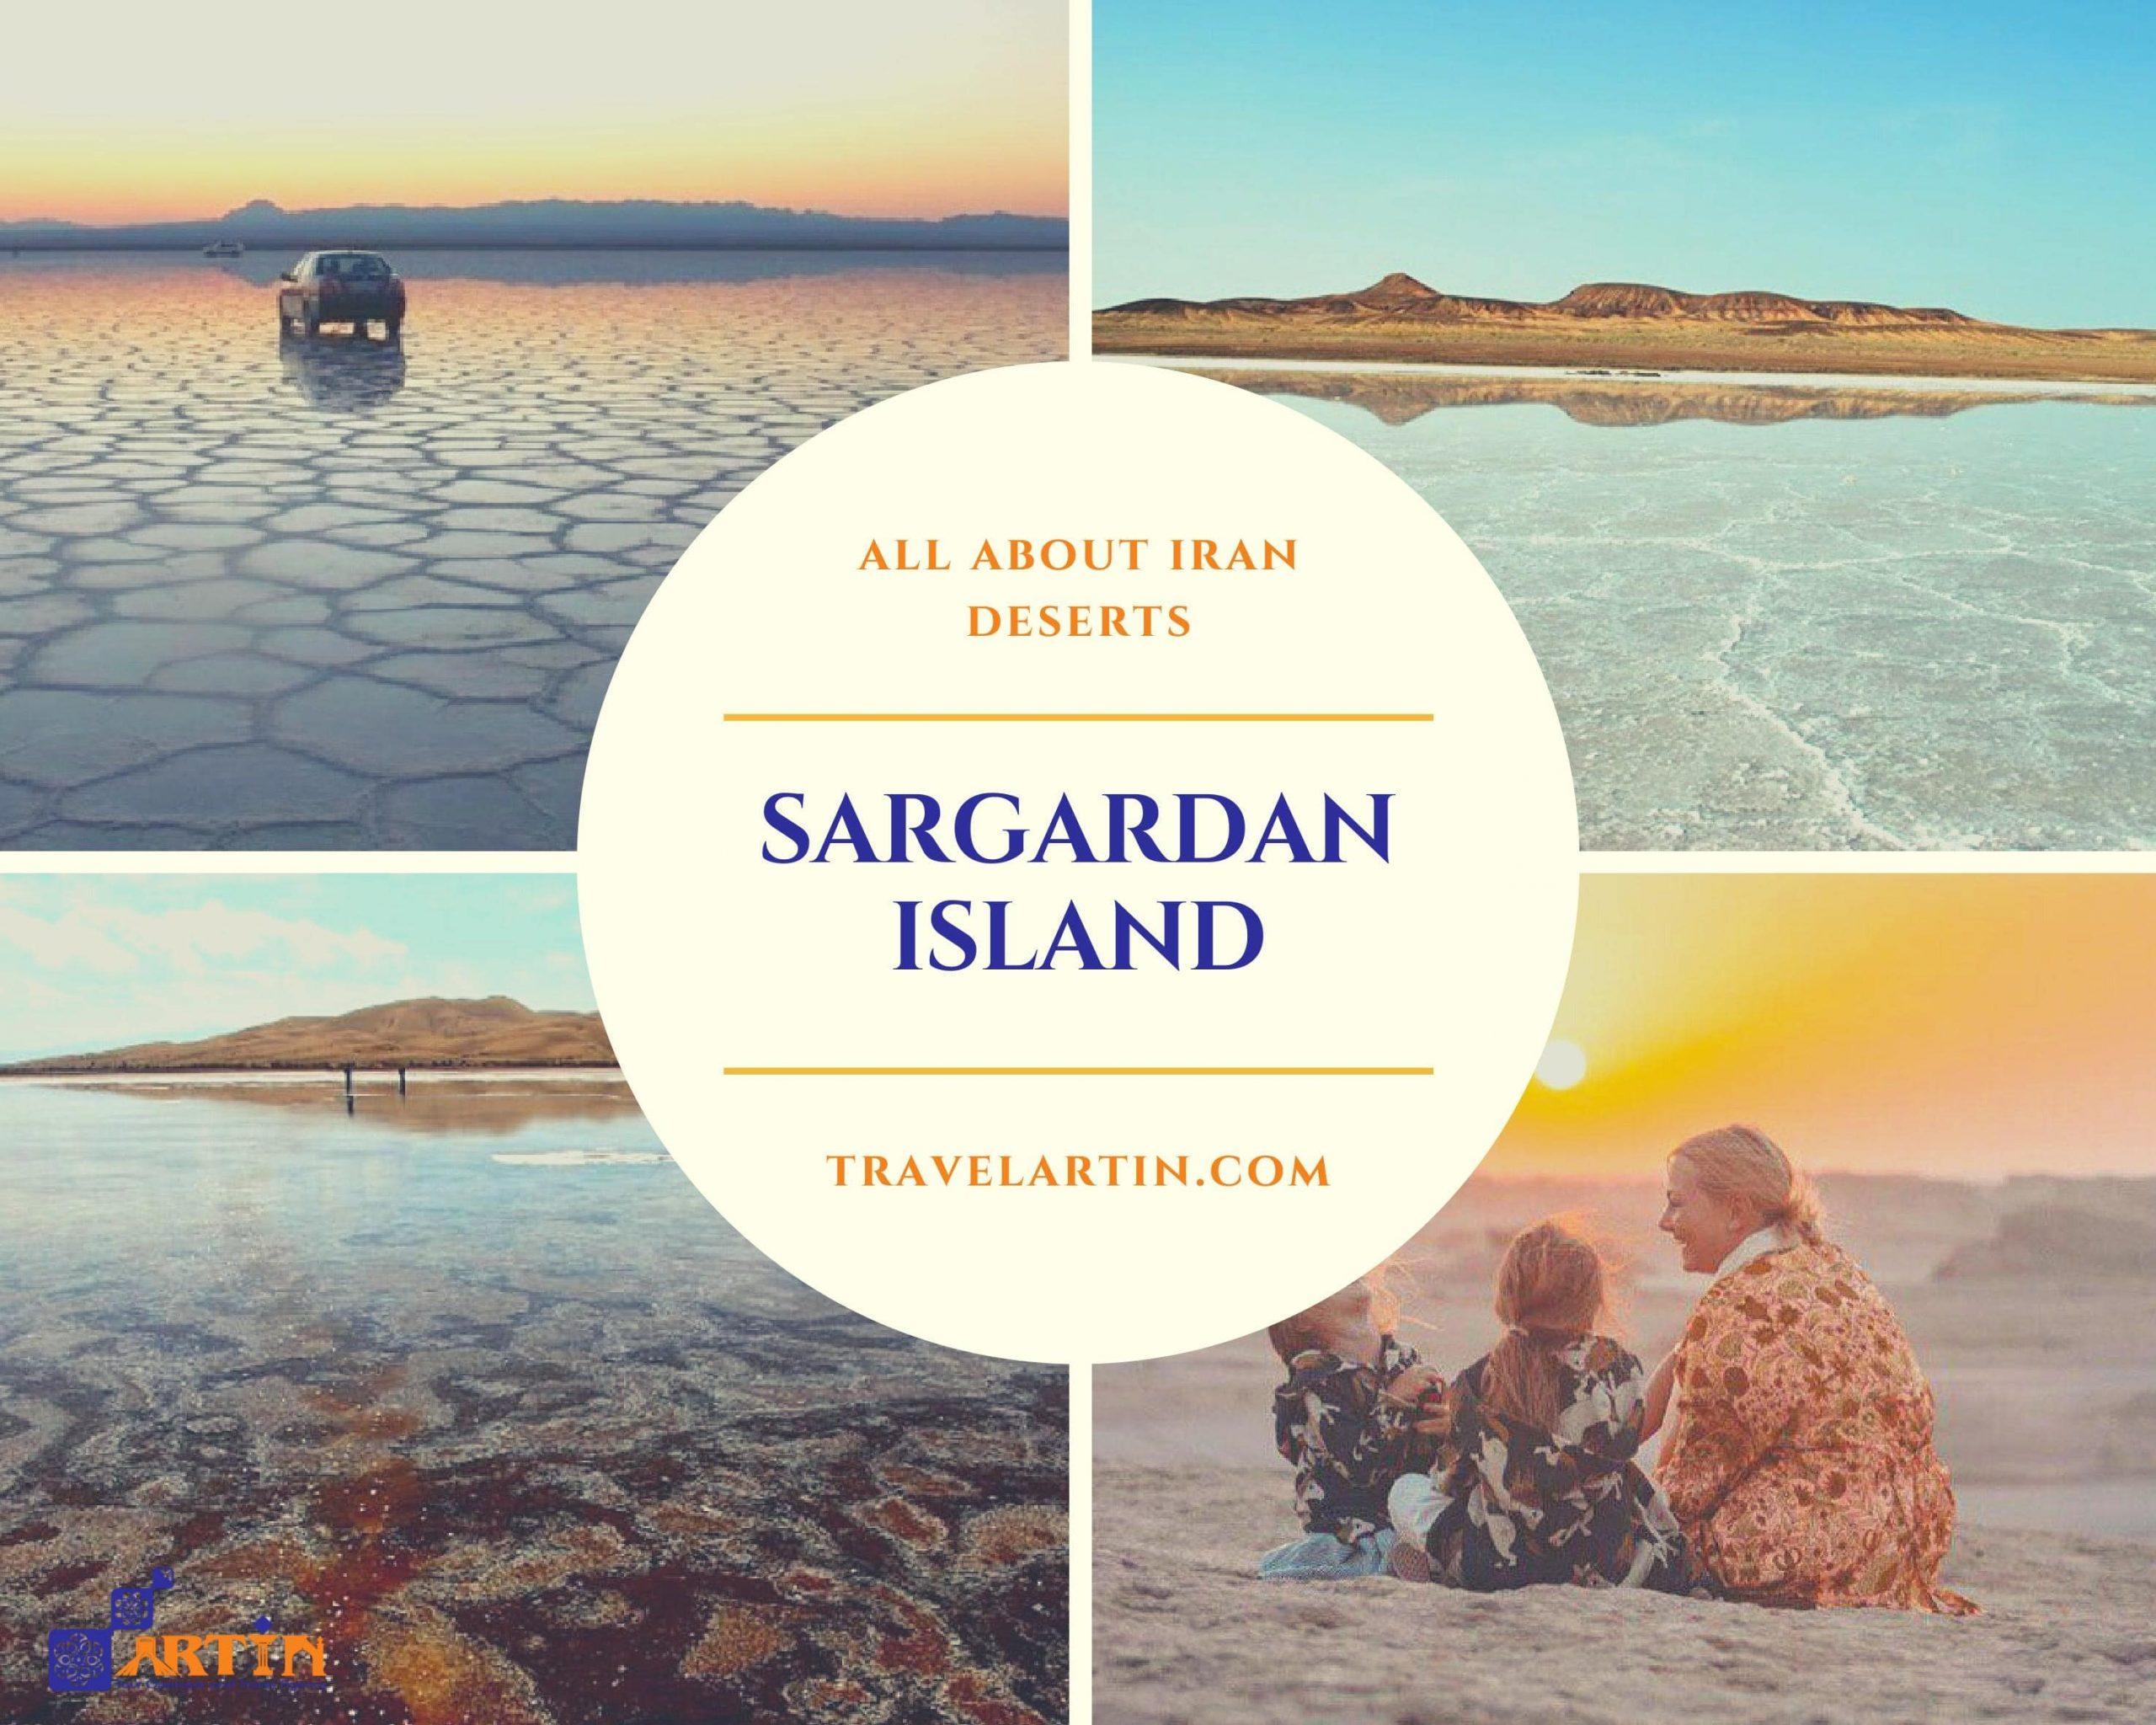 sargardan island Iran maranjab desert tour and camp